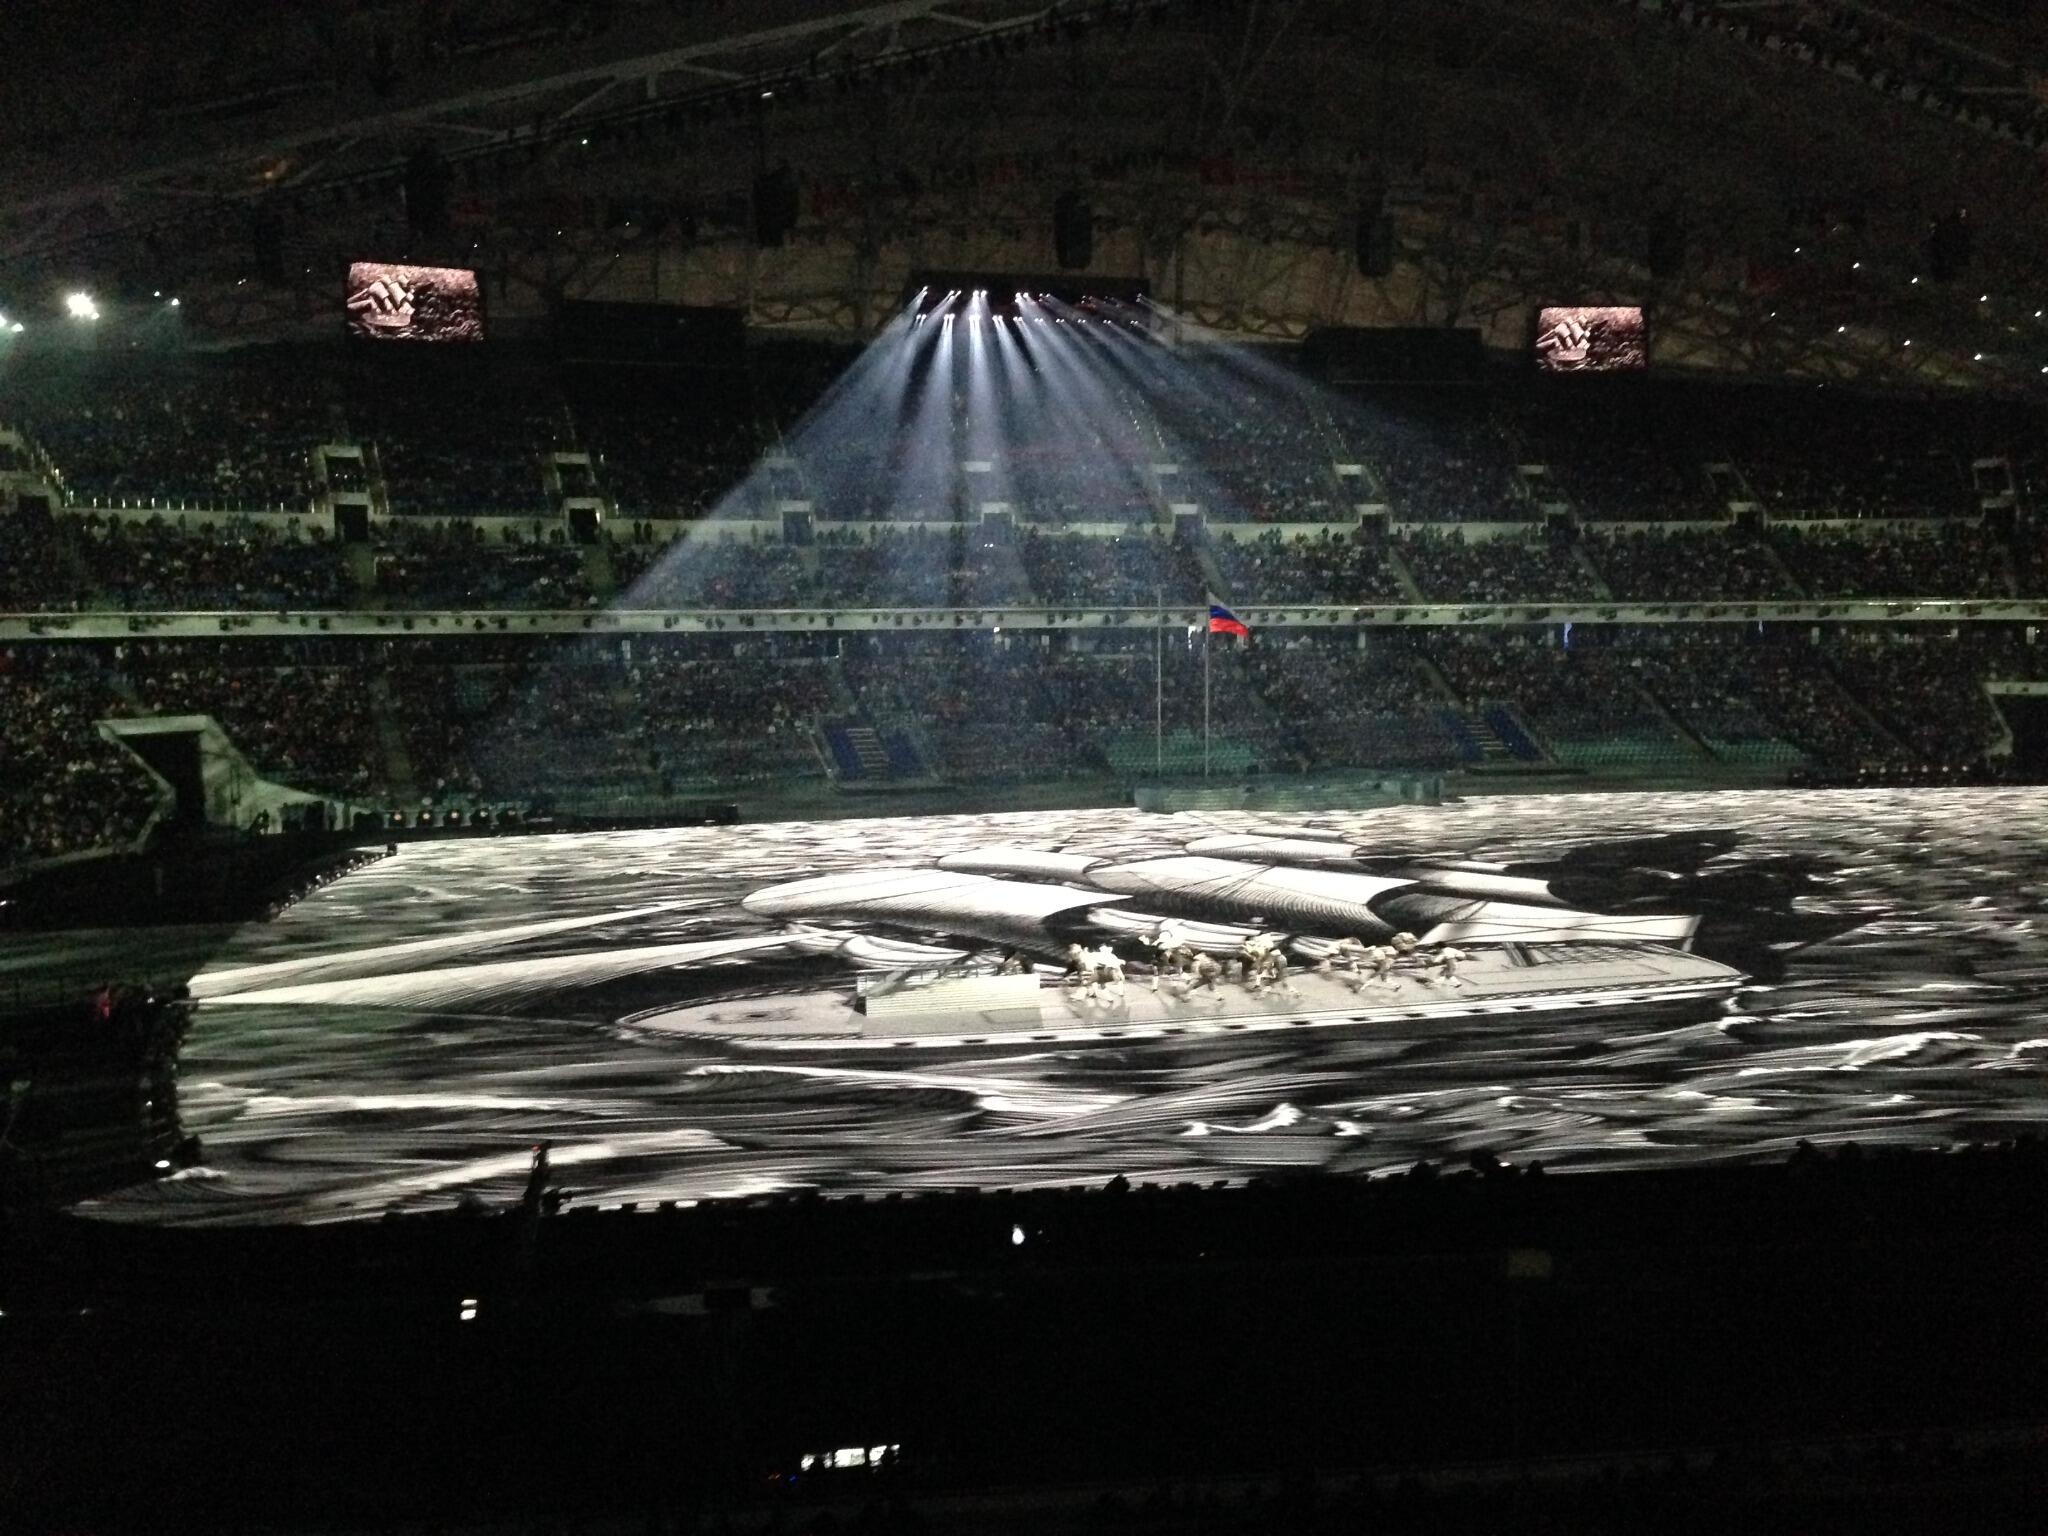 """На сцене стадиона """"Фишт"""" объемная панорама, представляющая мощь Петровской эпохи (ФОТО @Sochi2014) http://t.co/otd6vB3CpD"""